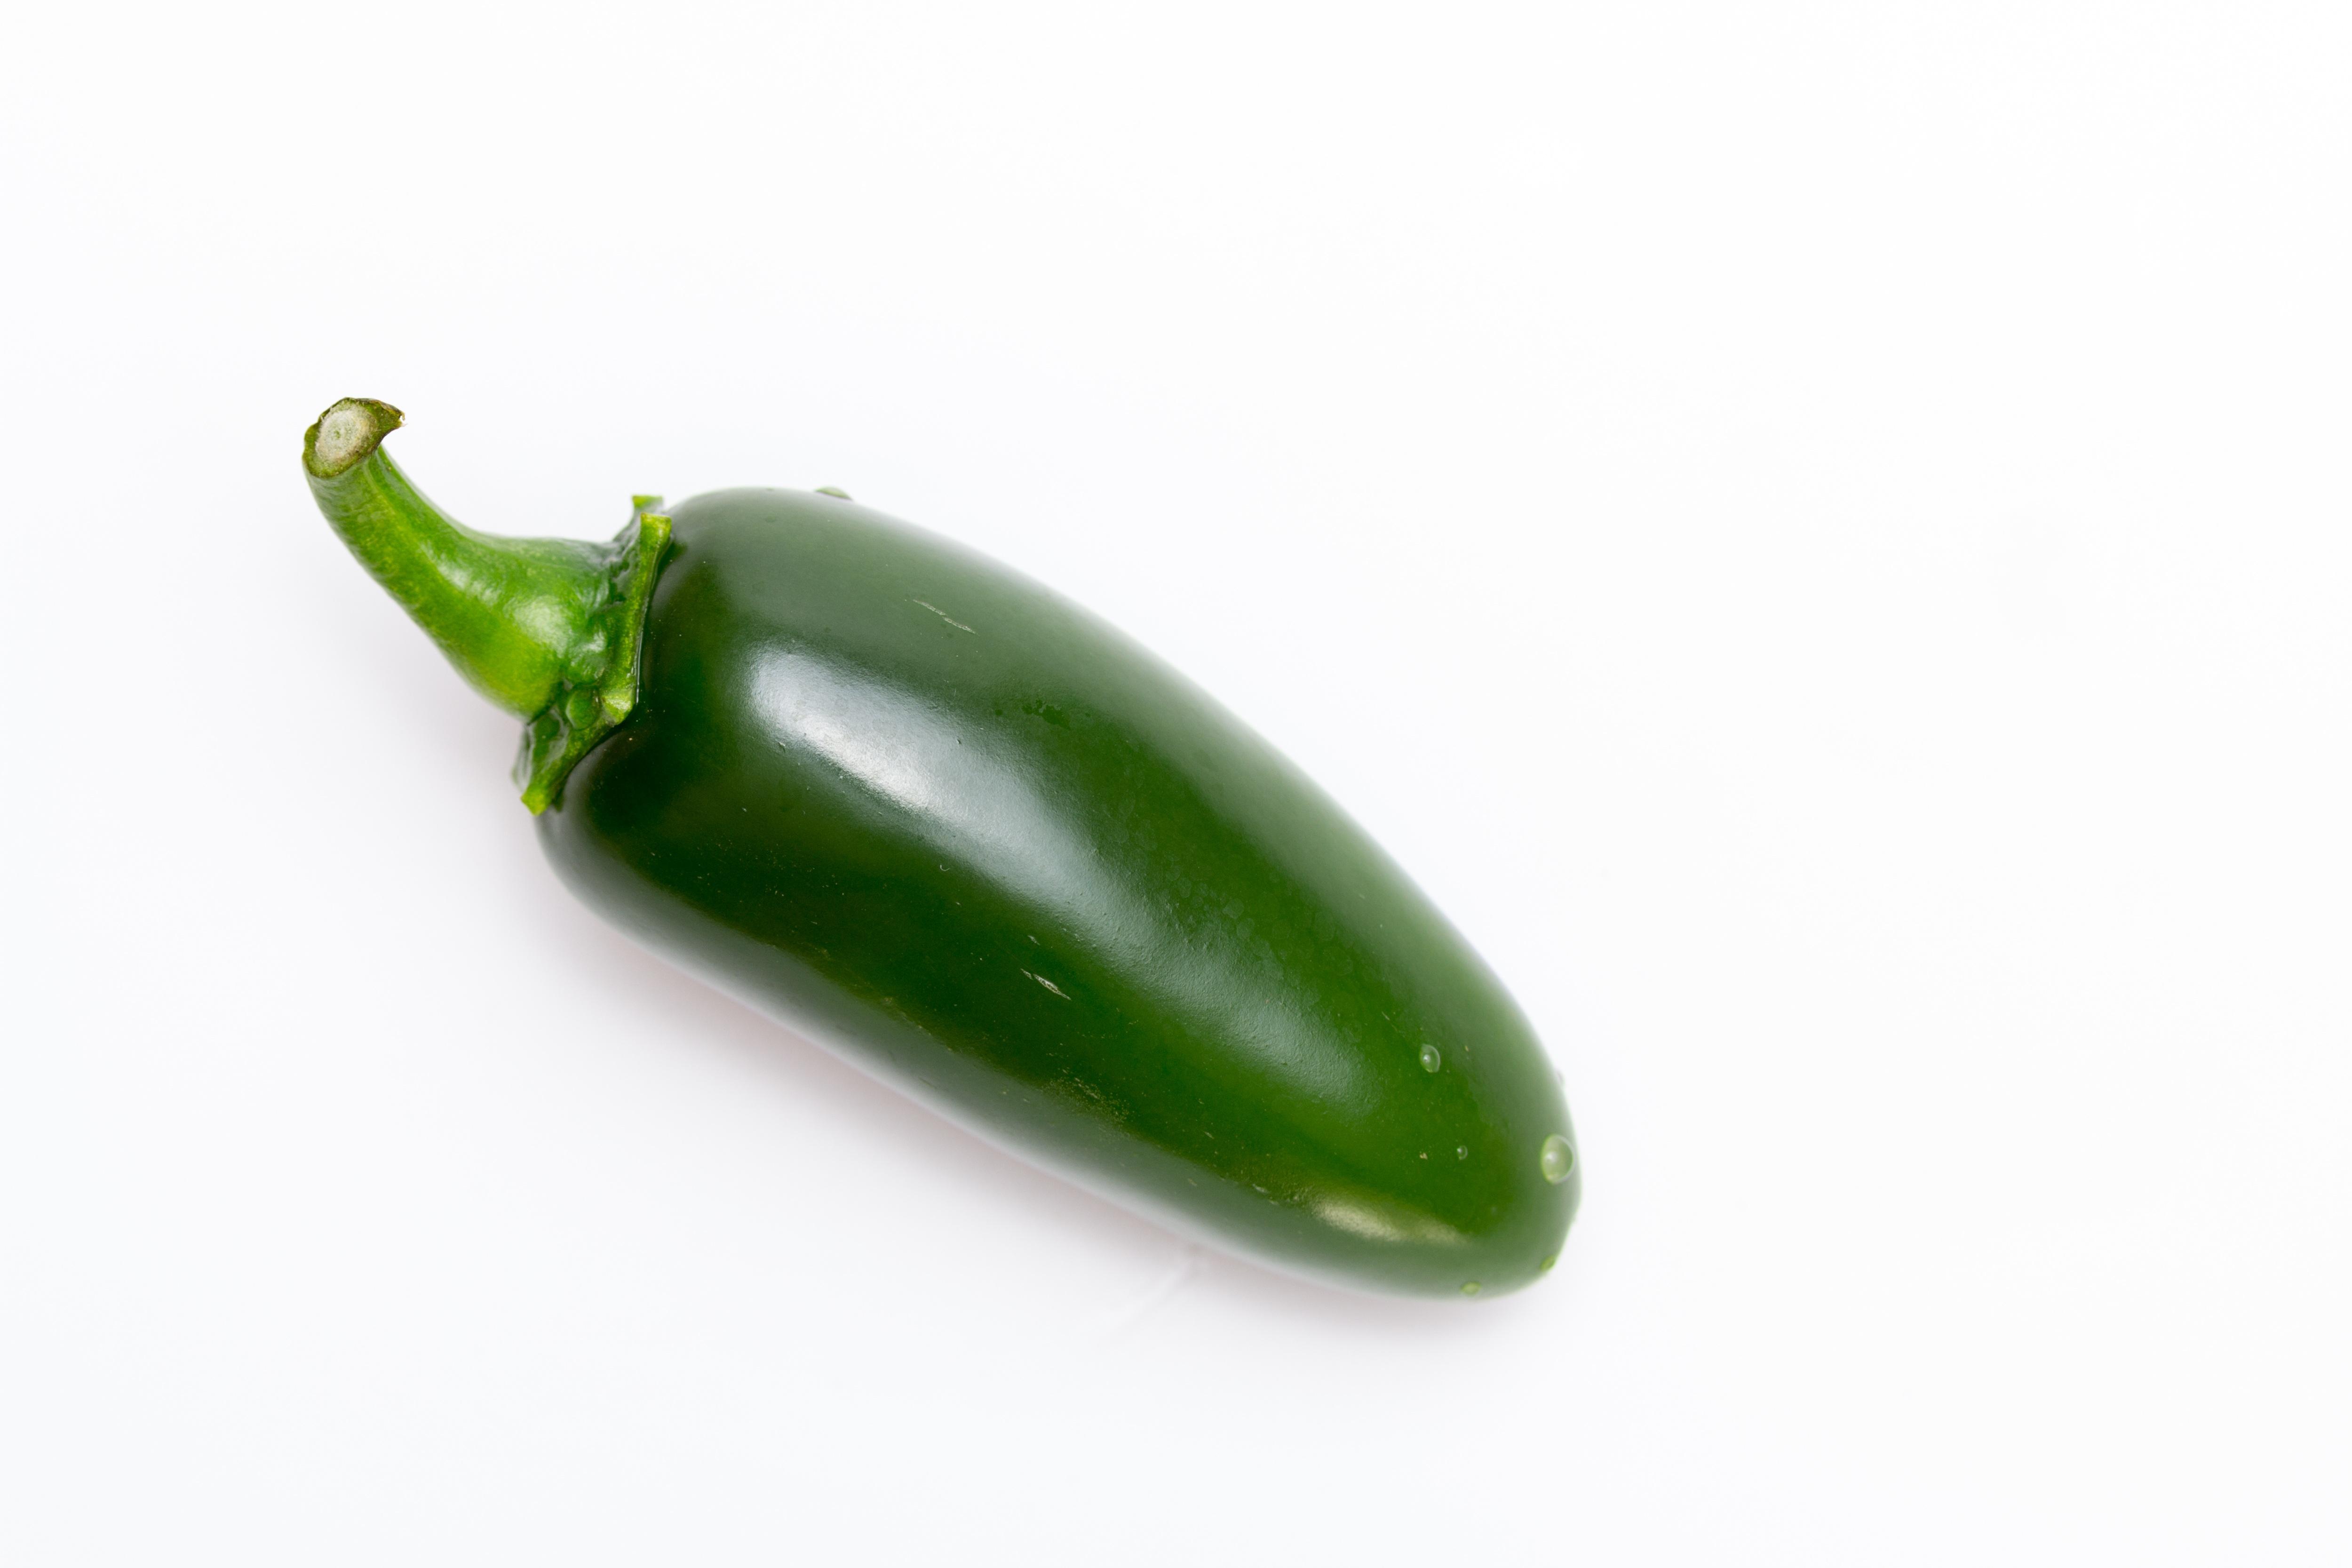 Fotos gratis : Fruta, comida, verde, pimienta, Produce, vegetal ...